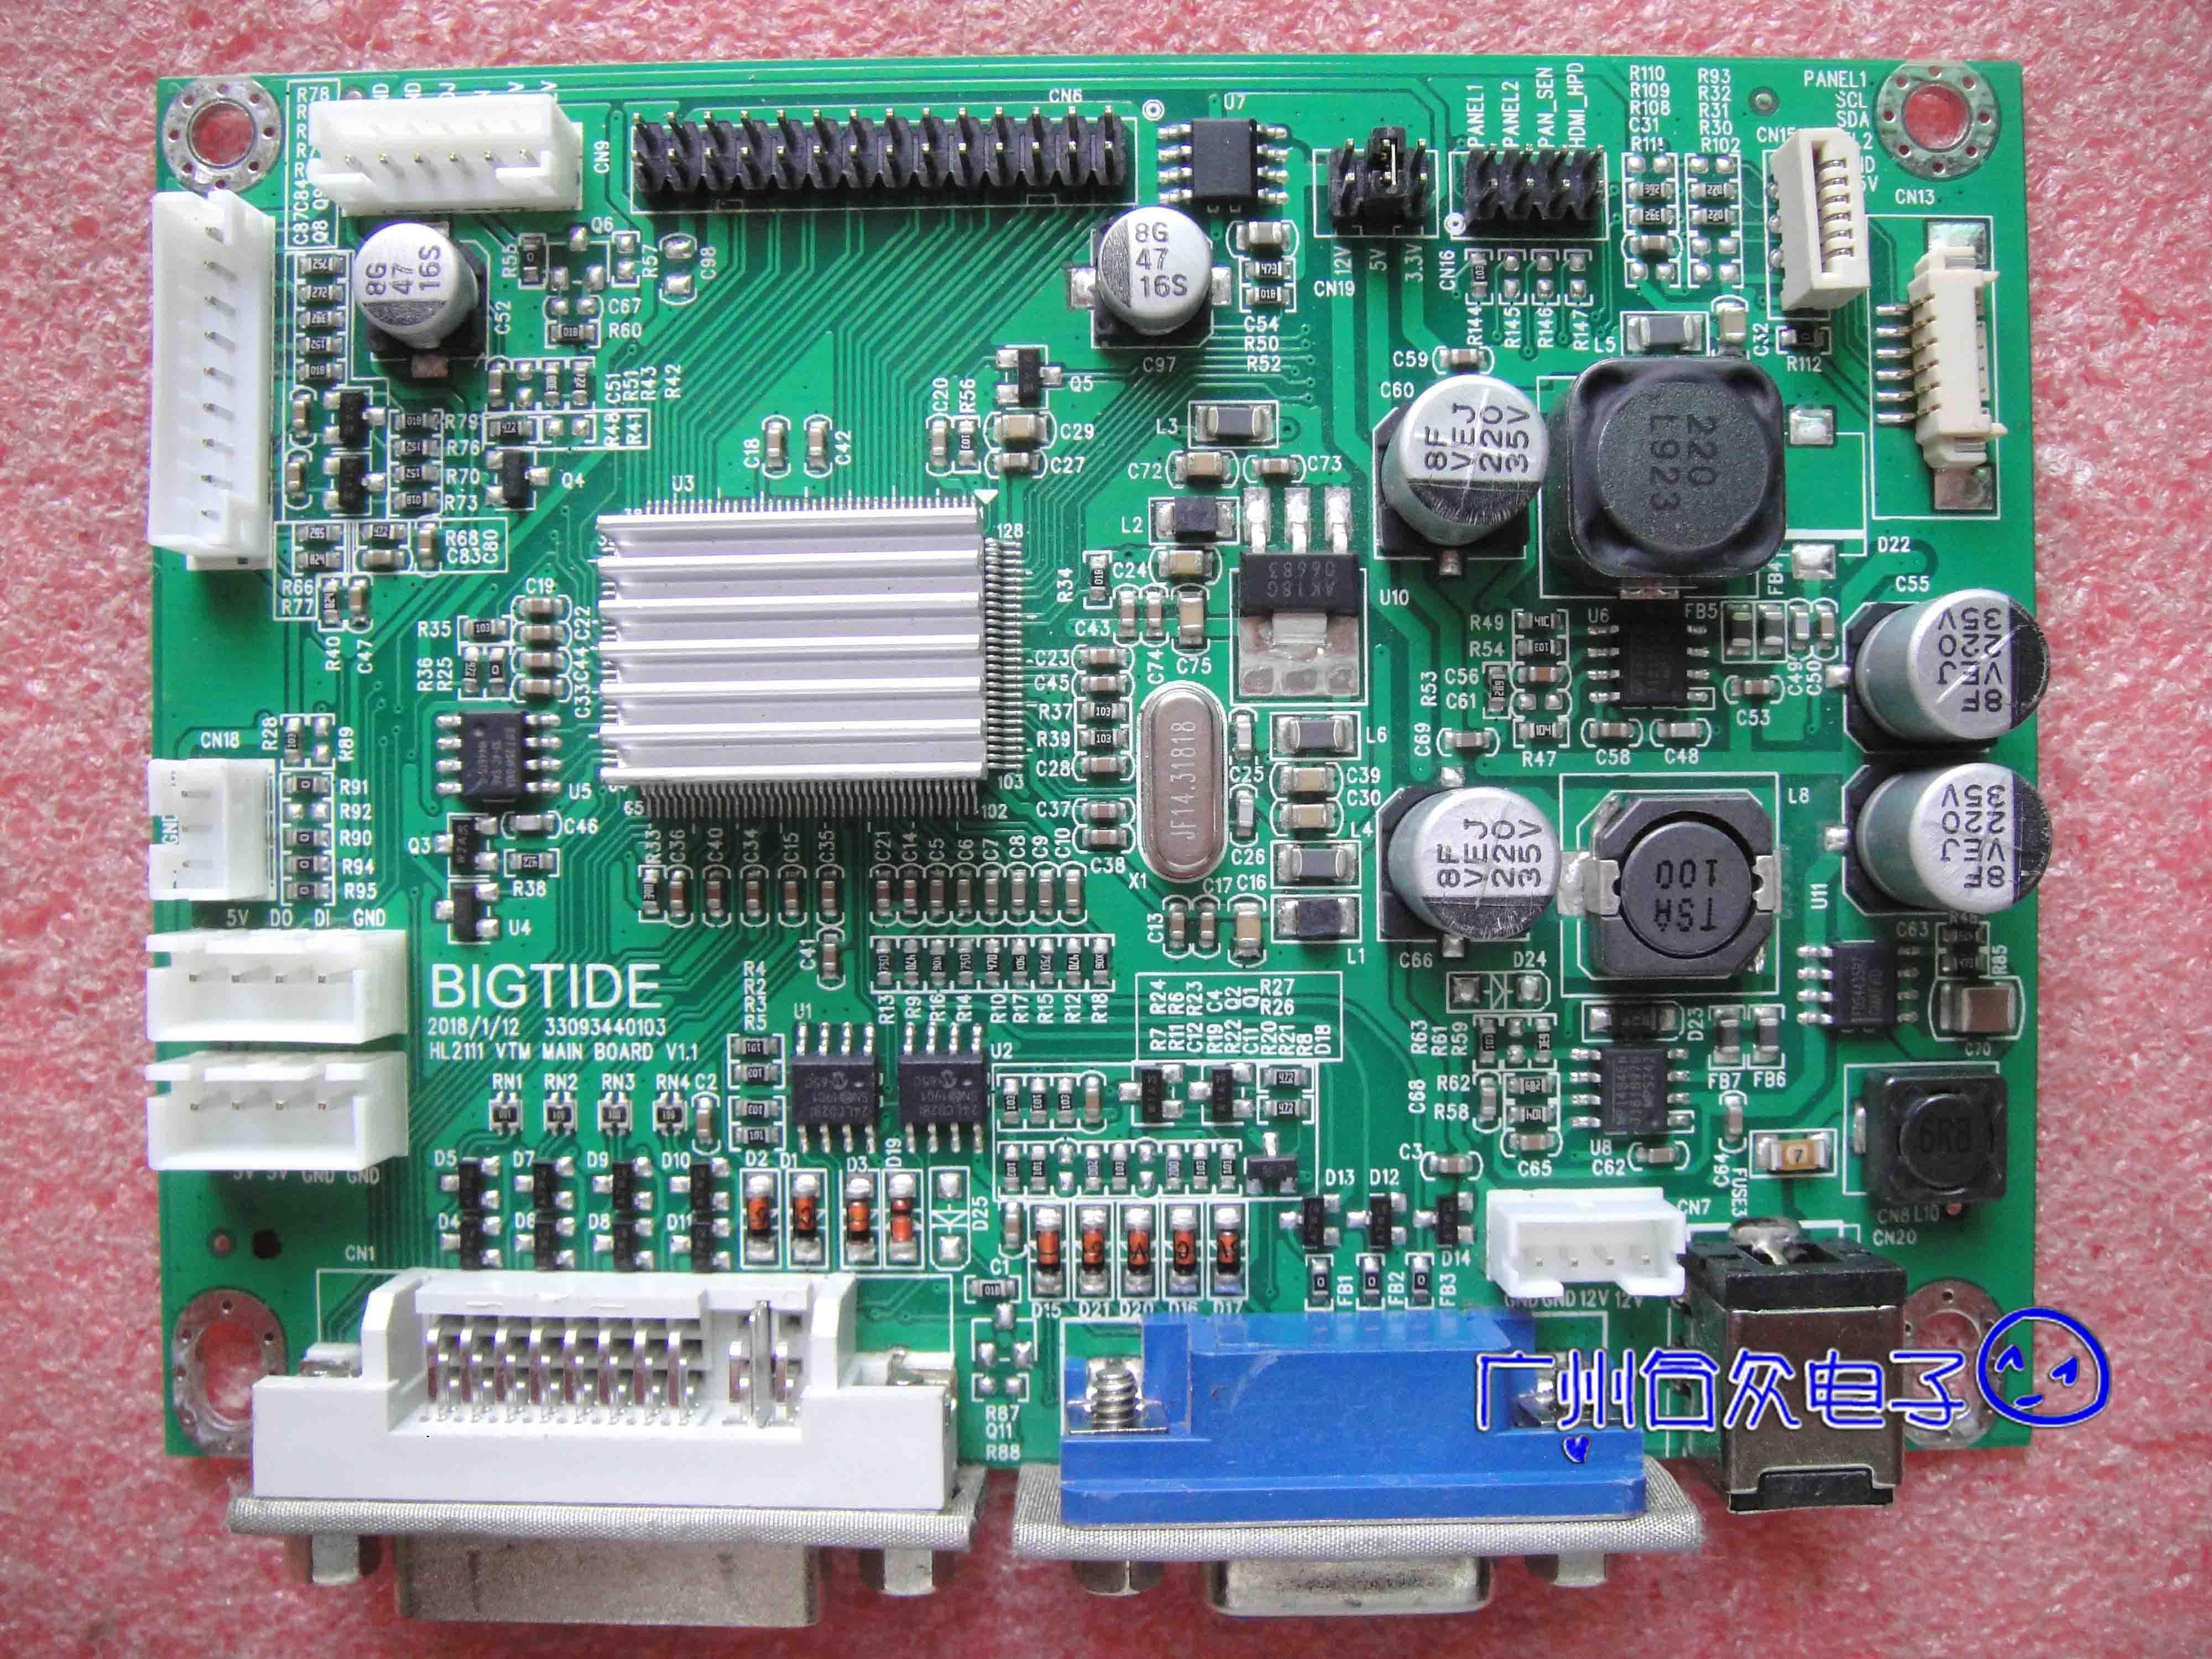 HL1810B industrial control driver board BIGTIDE 33093440103 HL2111 V1.1 industrial motherboard